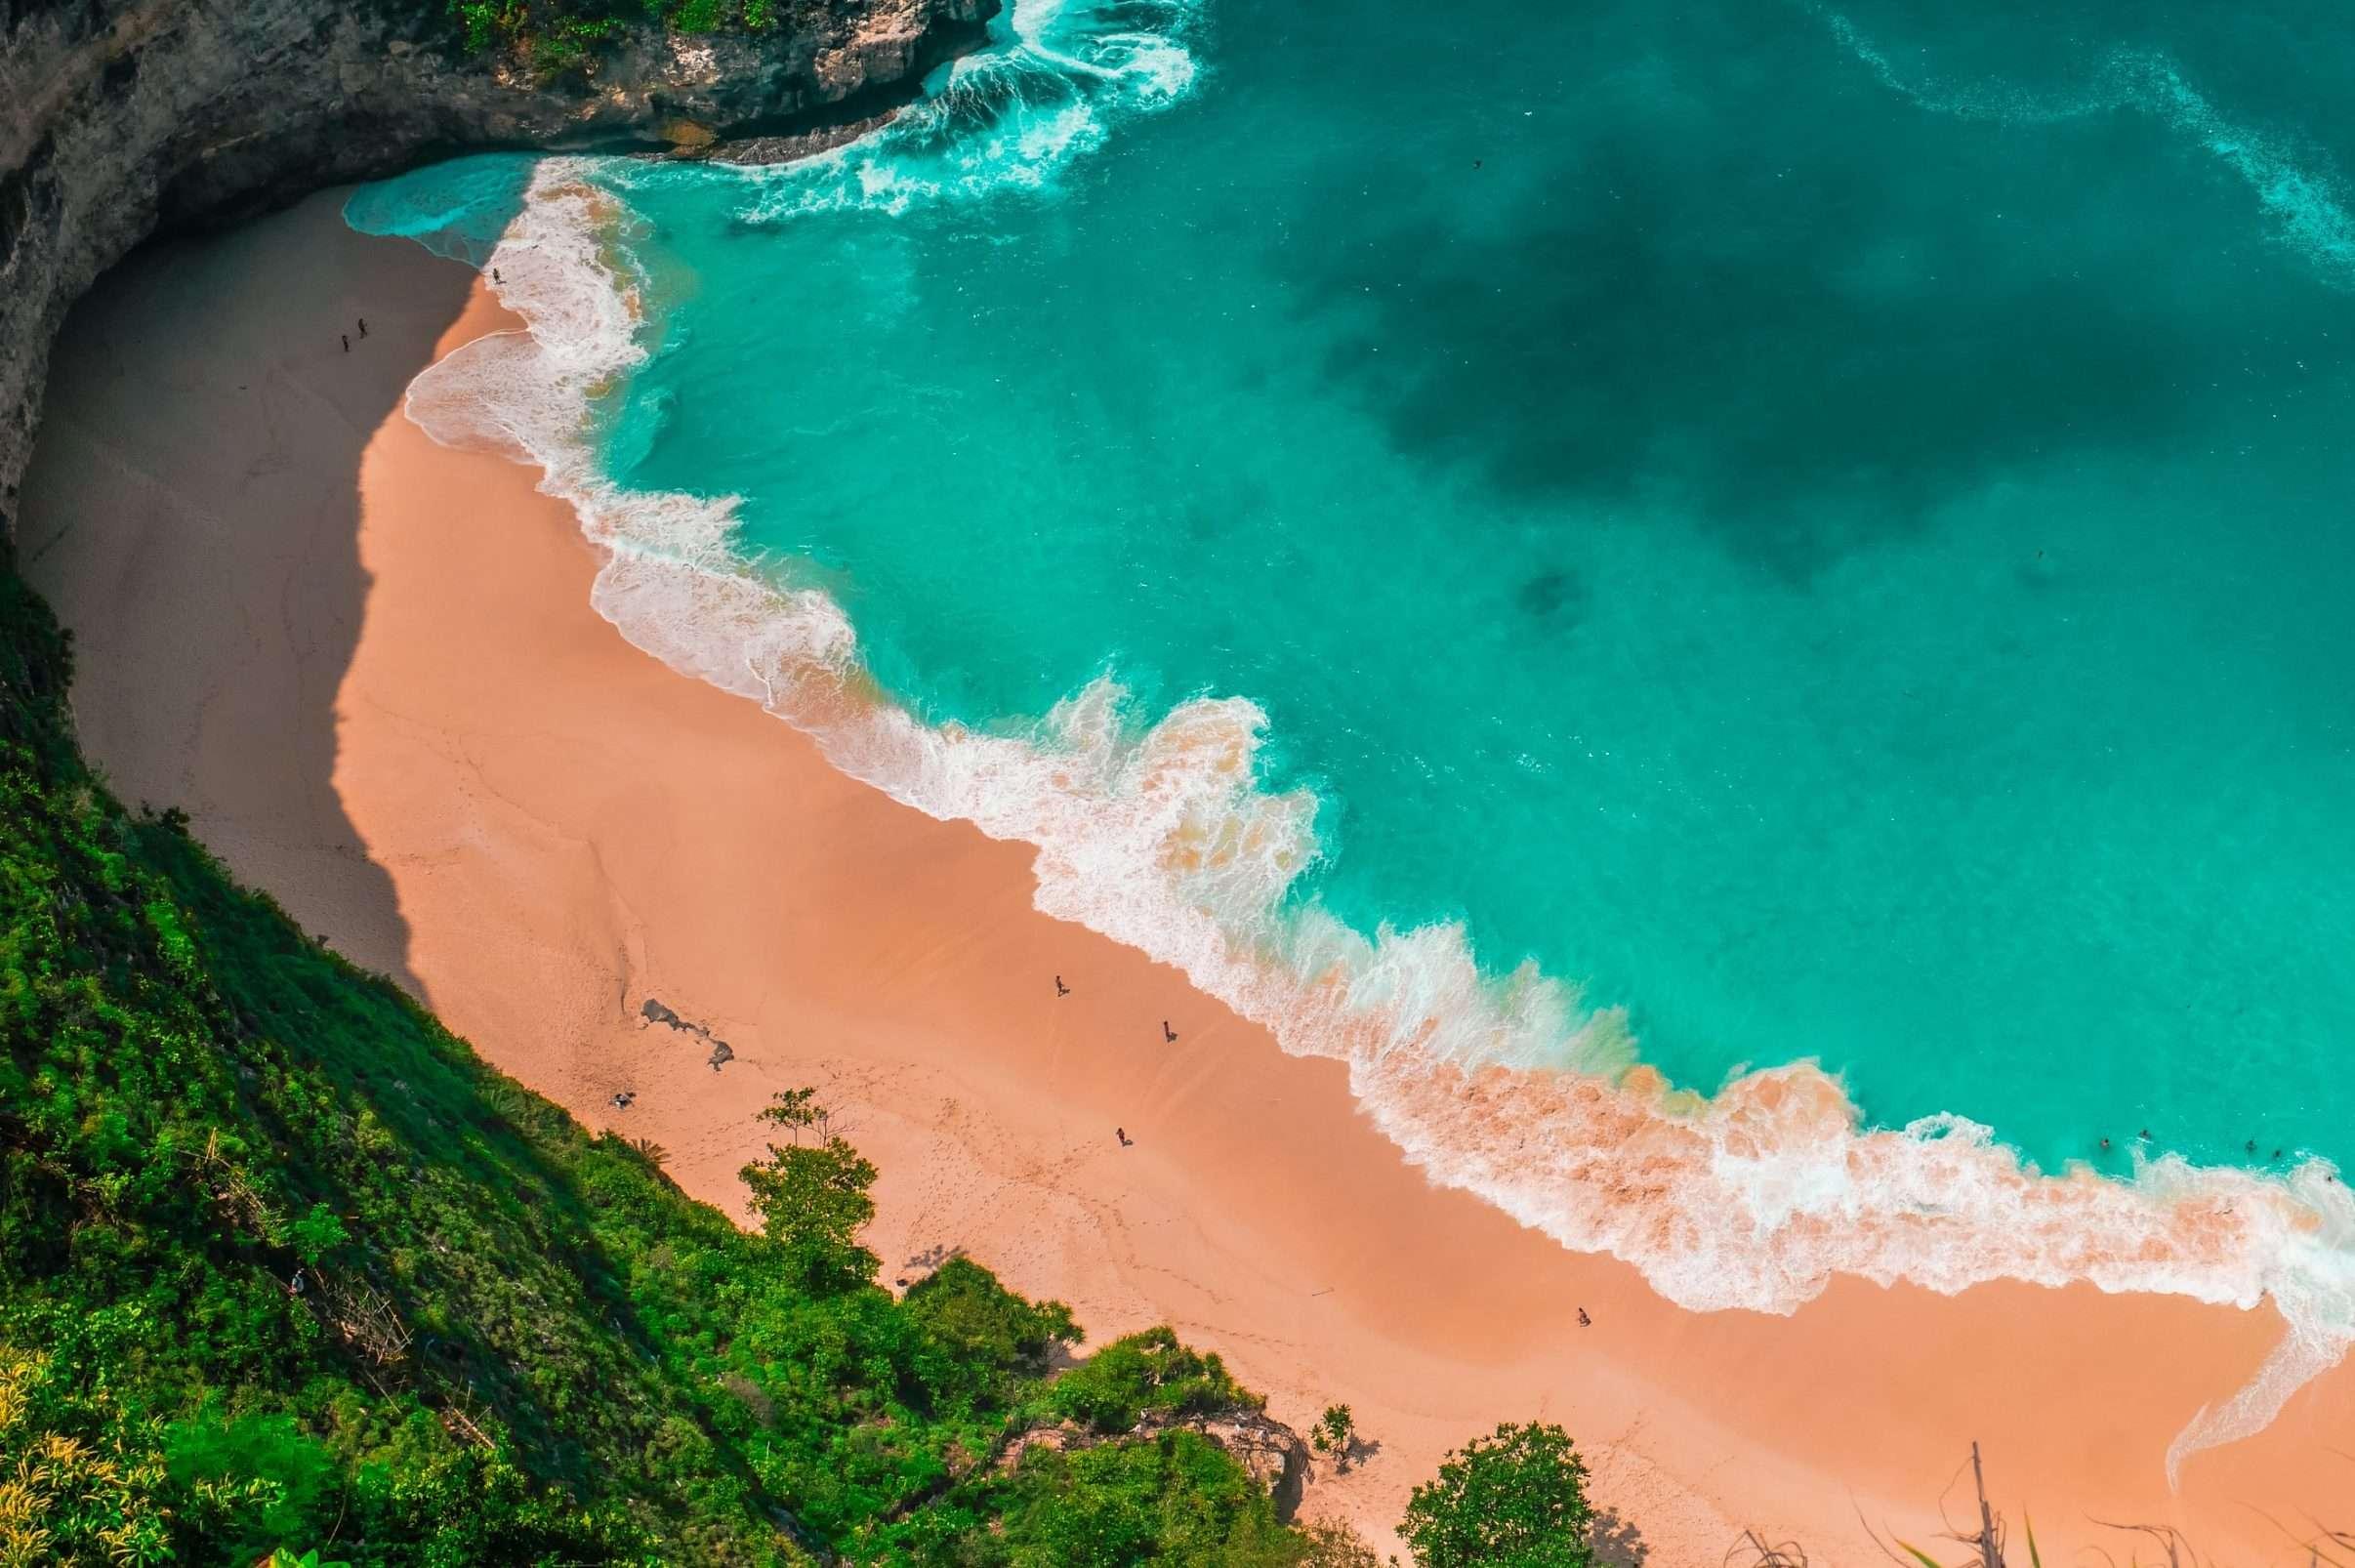 playa de Bali con aguas cristalinas